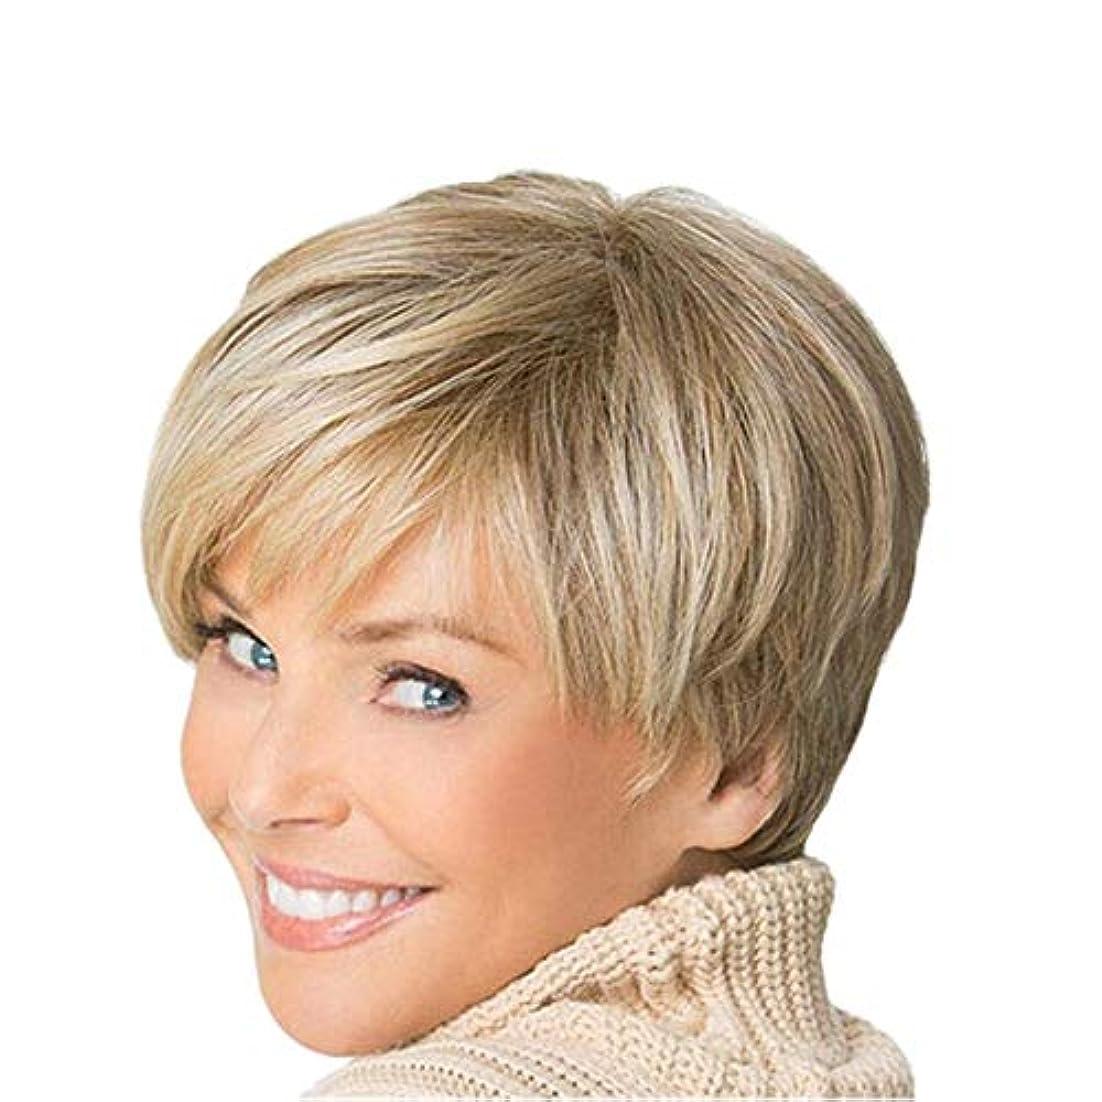 カーテン夜間保証するYOUQIU 女性ブロンドボブヘアウィッグ自然な耐熱かつらのためにショートカーリーふわふわウィッグ (色 : Blonde)